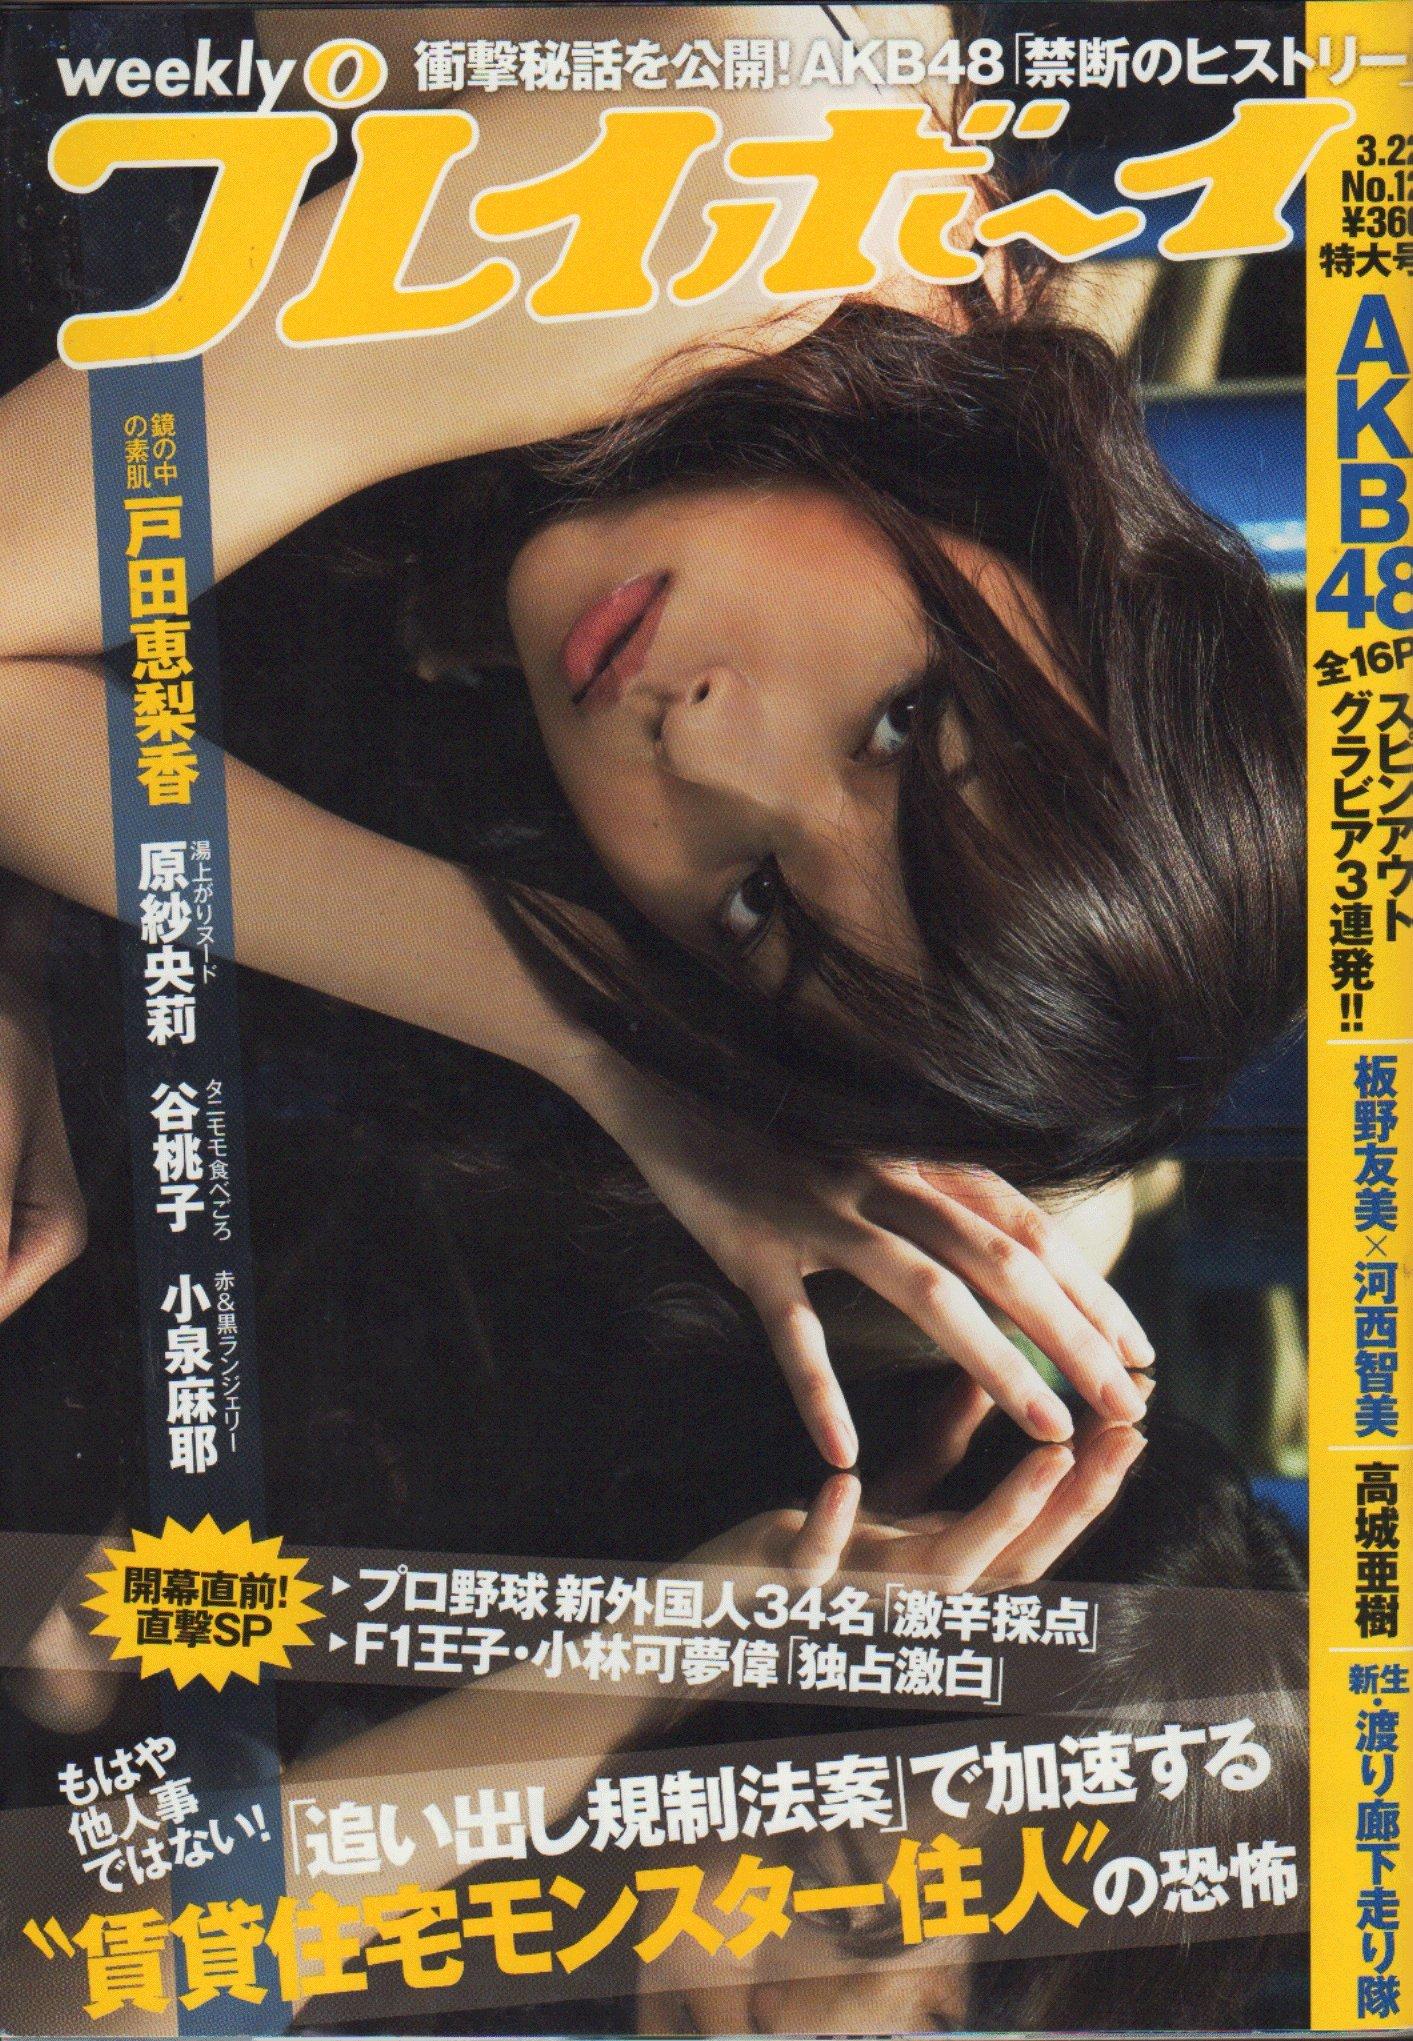 週刊プレイボーイ 2010年3月22日号